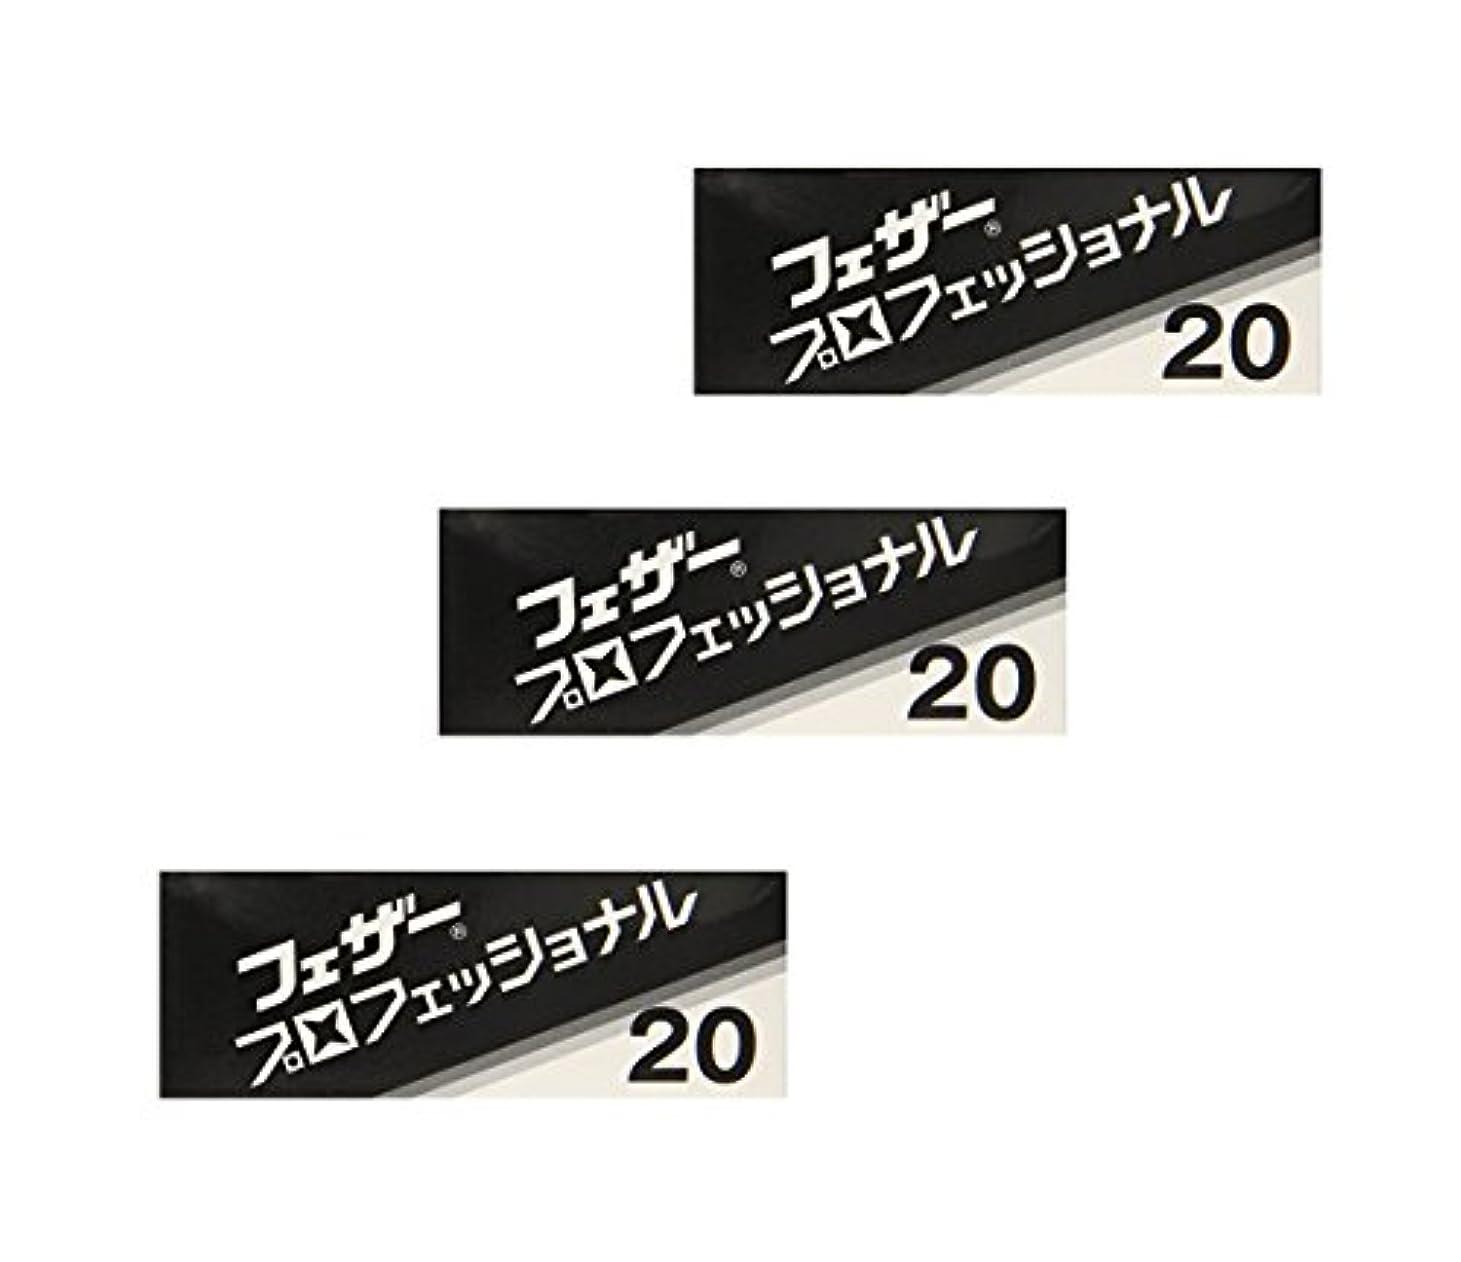 移行するアヒル教育【3個セット】 フェザー プロフェッショナルブレイド 20枚入 PB-20